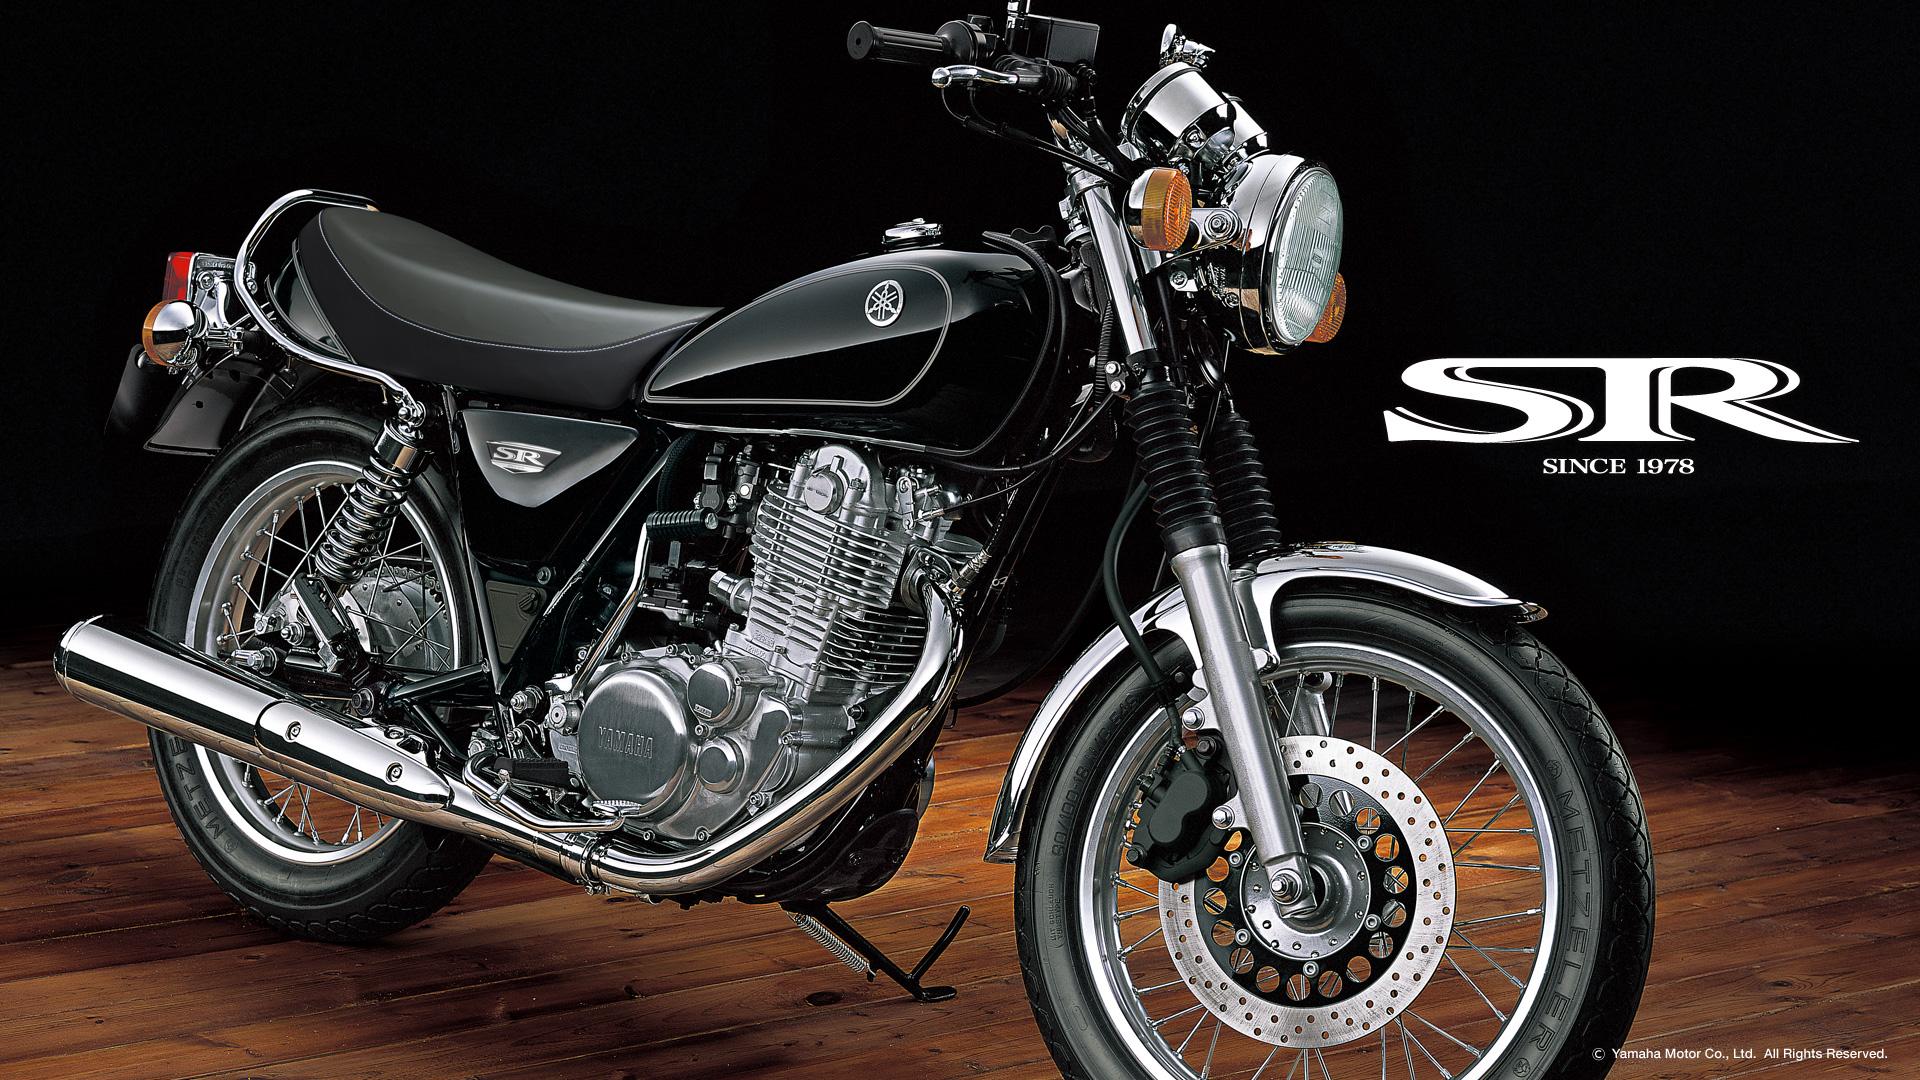 ヤマハらしいスタイルの良いバイクSR400!SR400の情報まとめ!のサムネイル画像